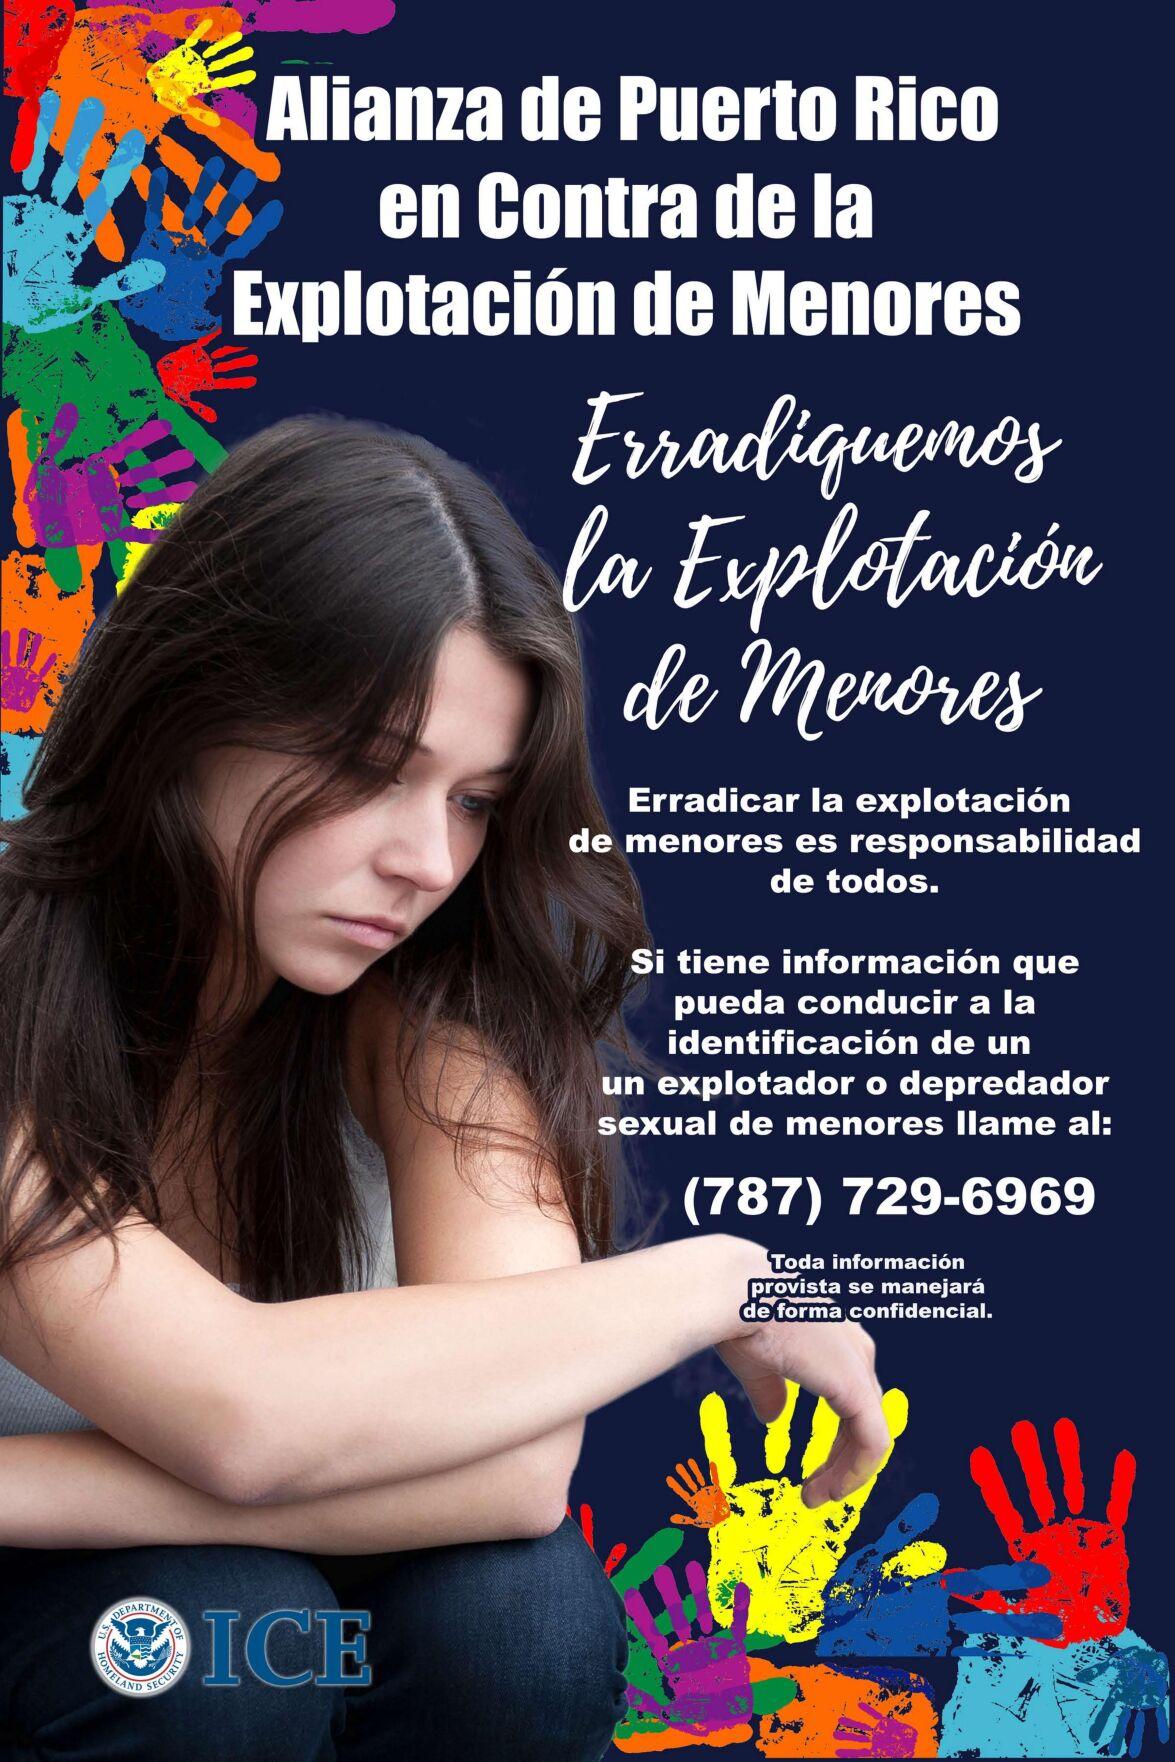 Crean Alianza de Puerto Rico Contra la Explotación Sexual de Menores